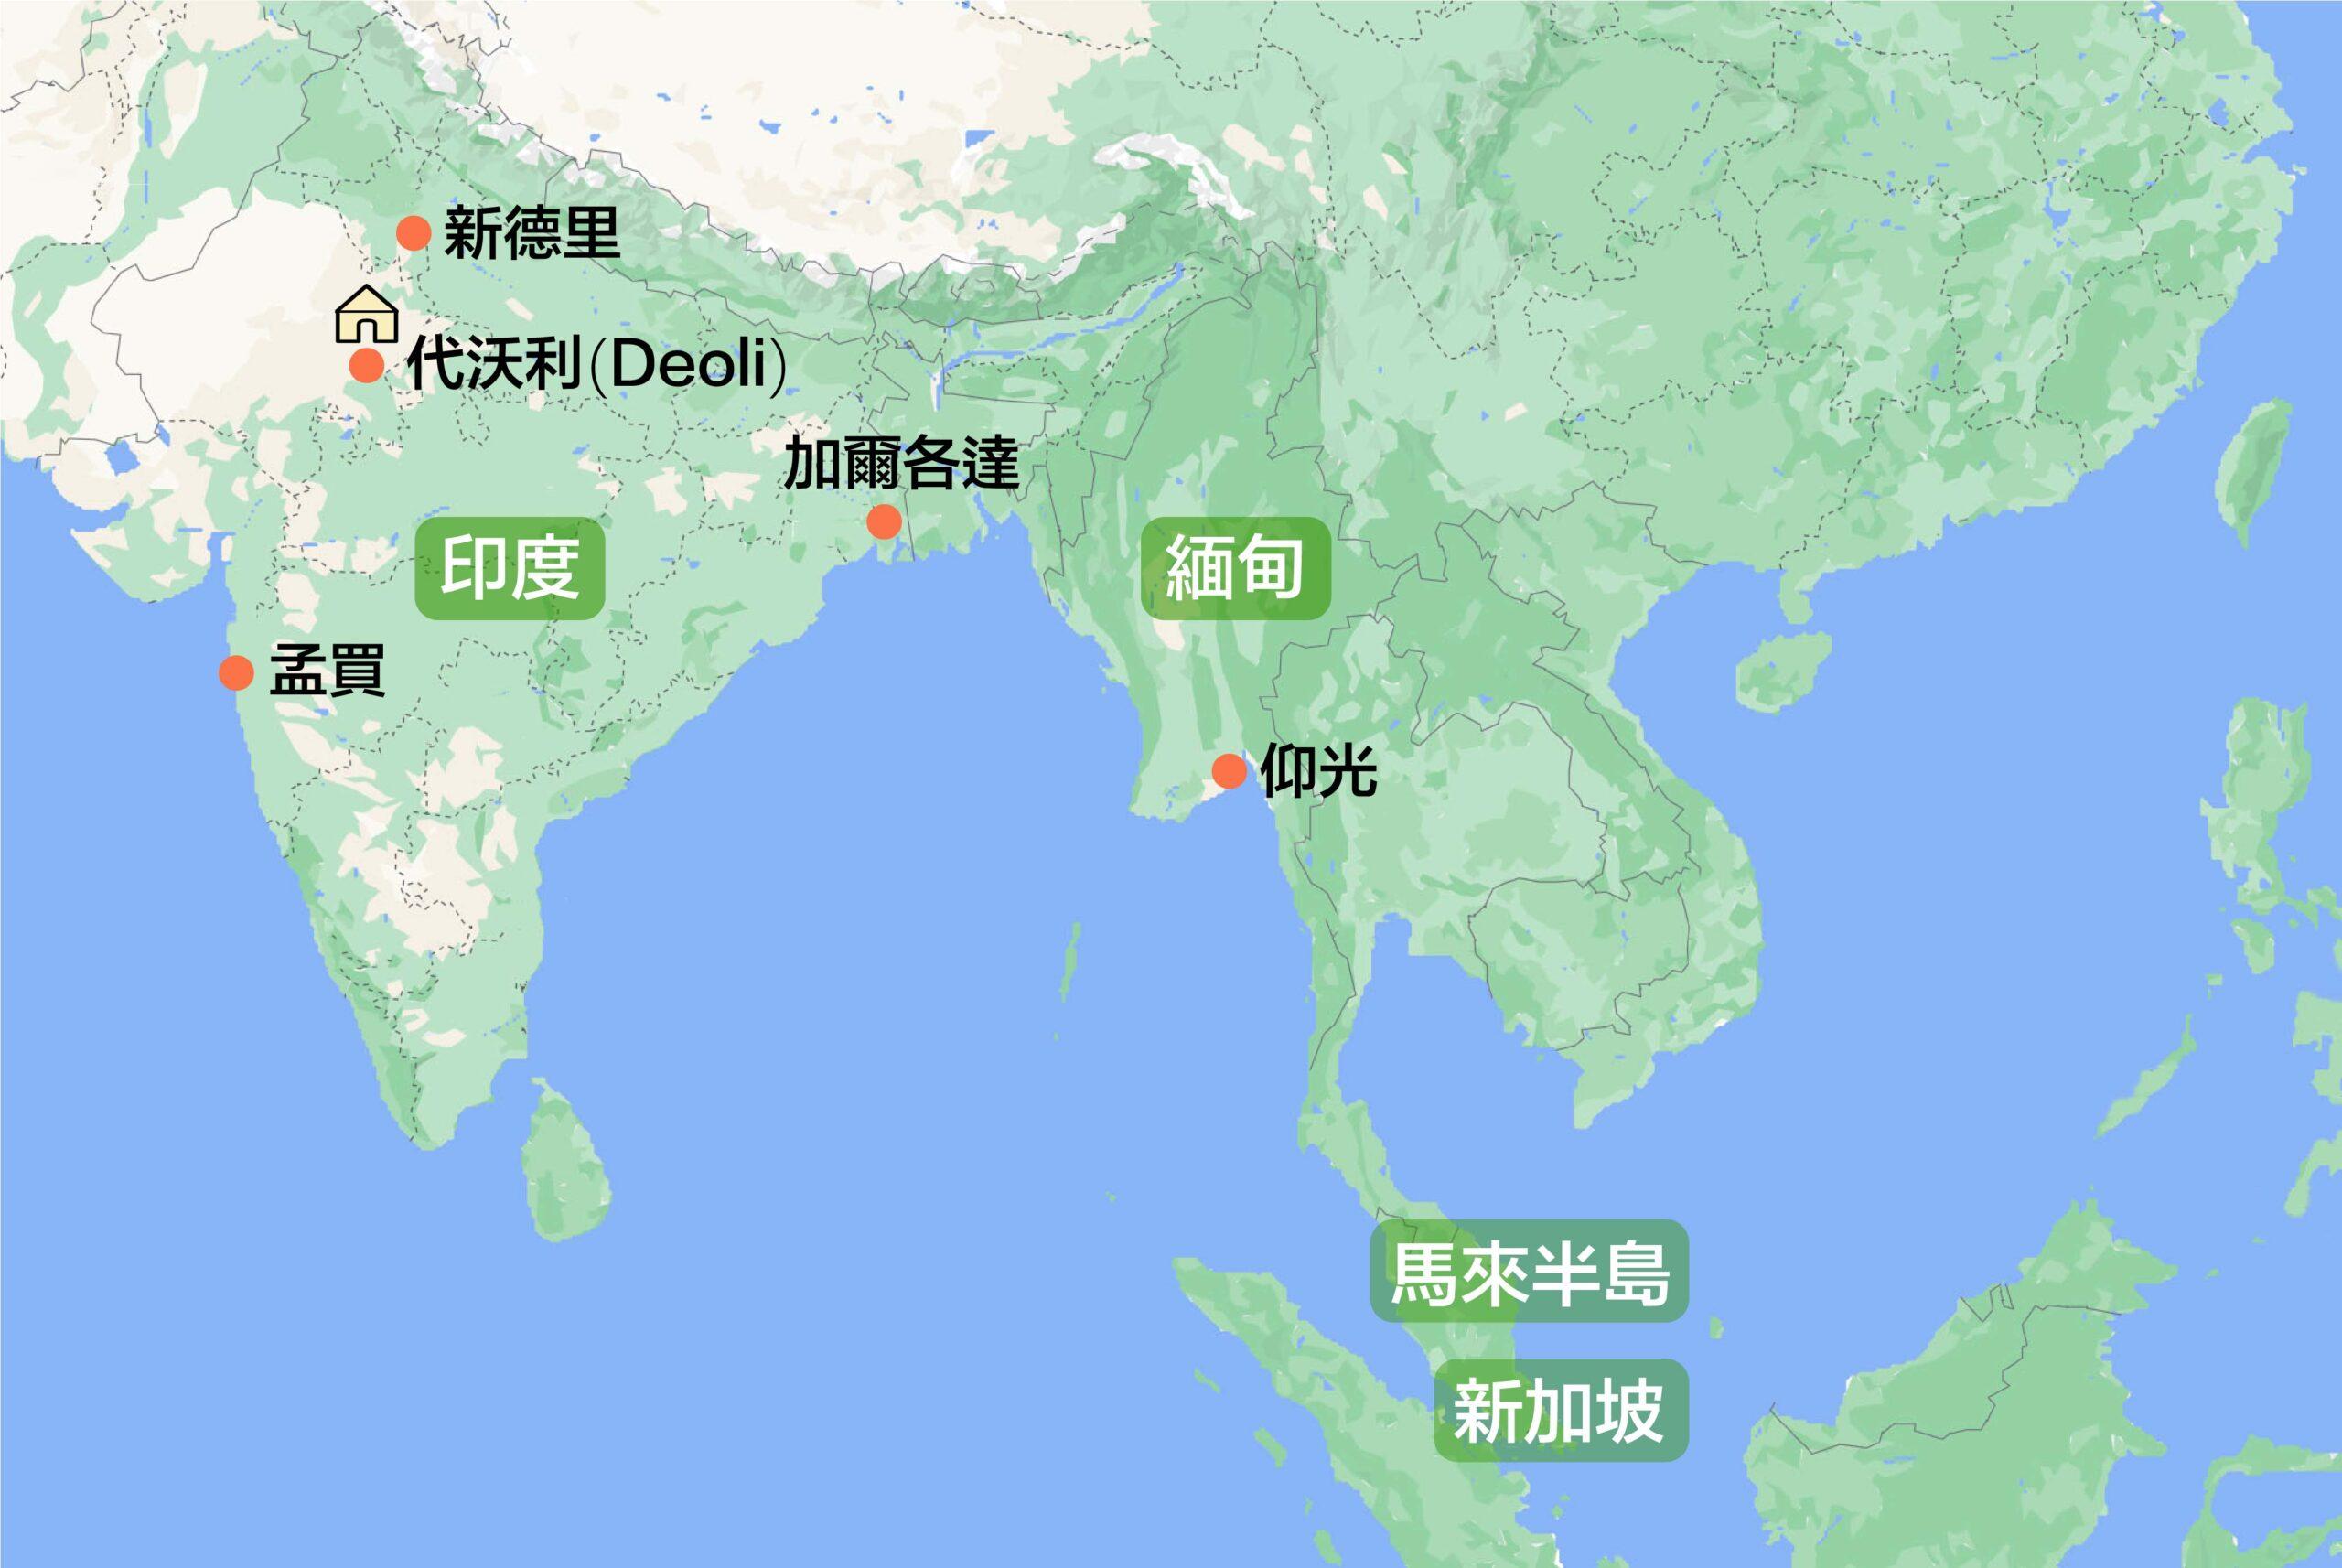 在英屬馬來亞(包括現在的馬來西亞與新加坡)被逮捕的日本與臺灣人,最後統一送往印度,遷入代沃里( Deoli) 的集中營。 圖│研之有物